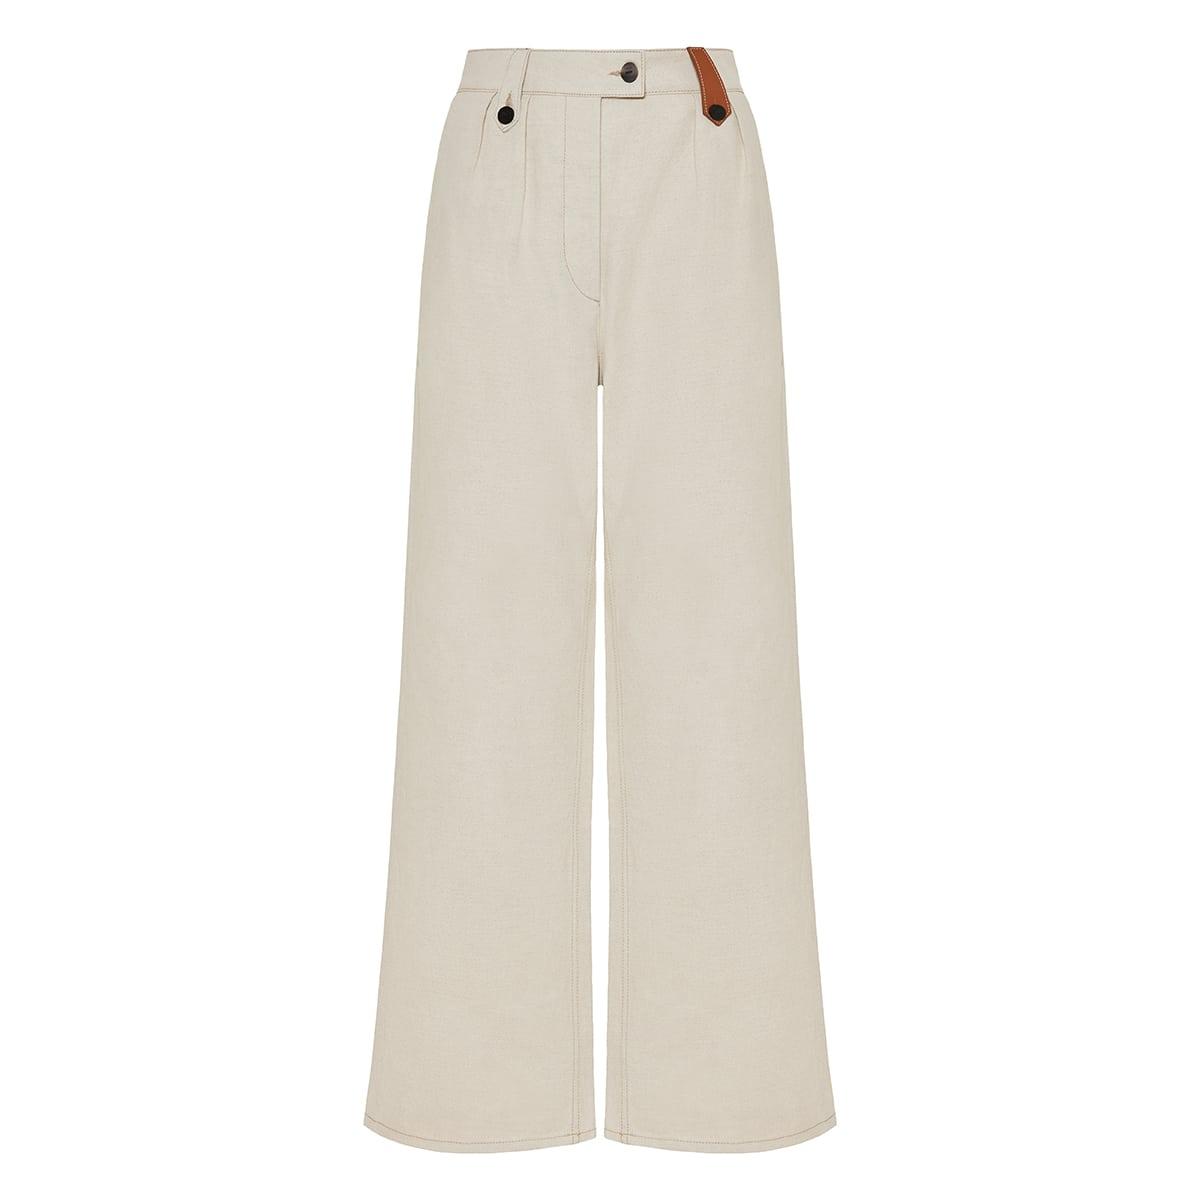 Wide-leg cotton-linen trousers